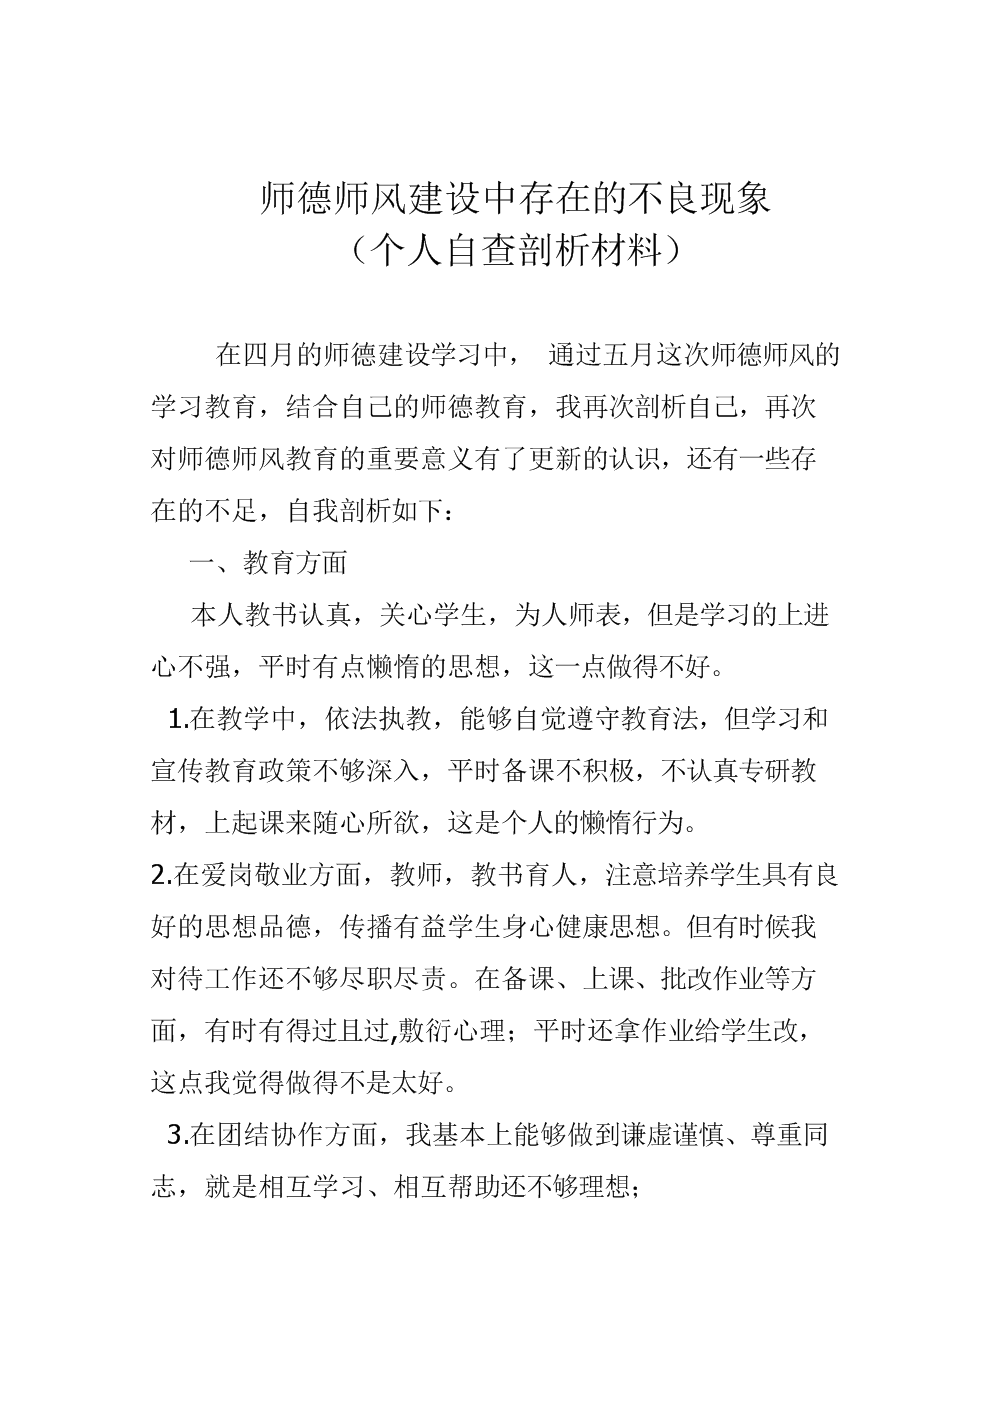 个人师德师风自我剖析材料范文.docx